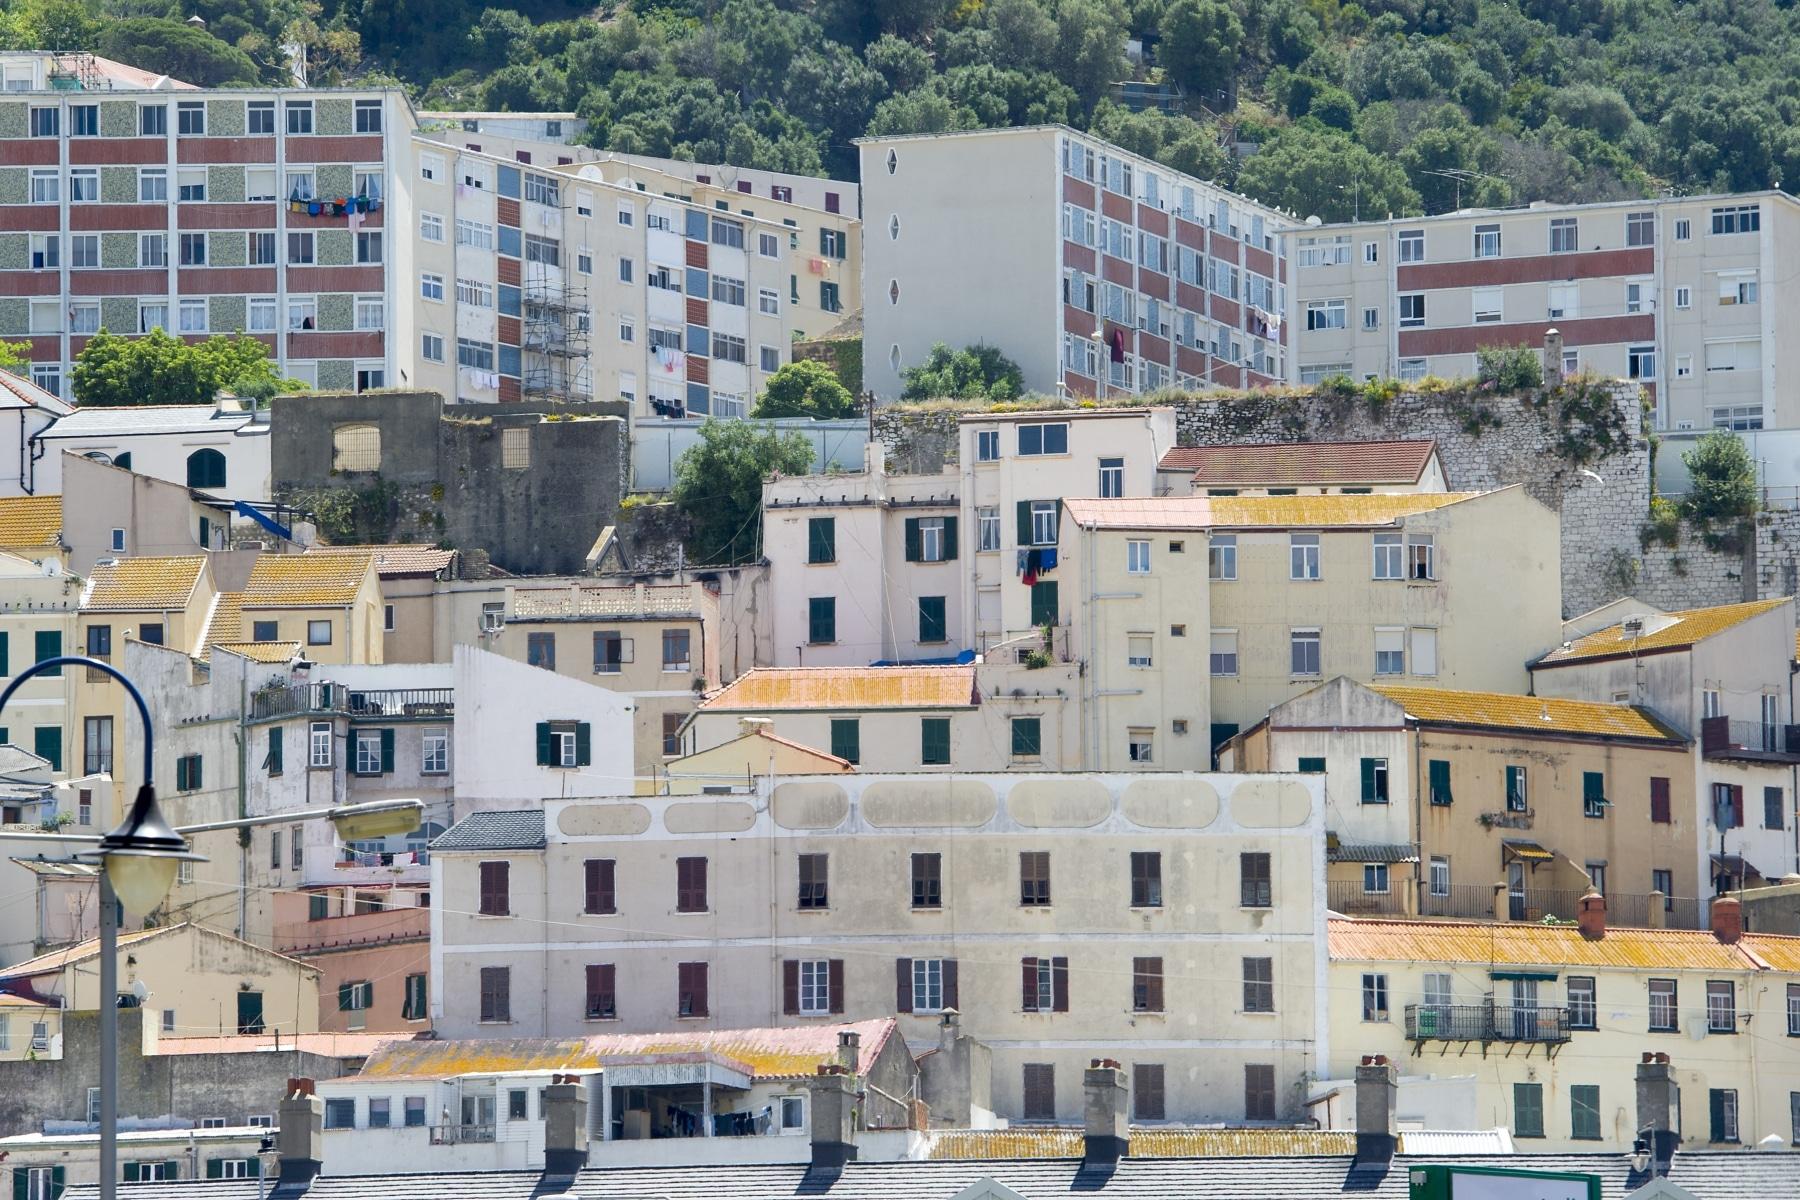 paisajes-urbanos-gibraltar-25_9225167288_o